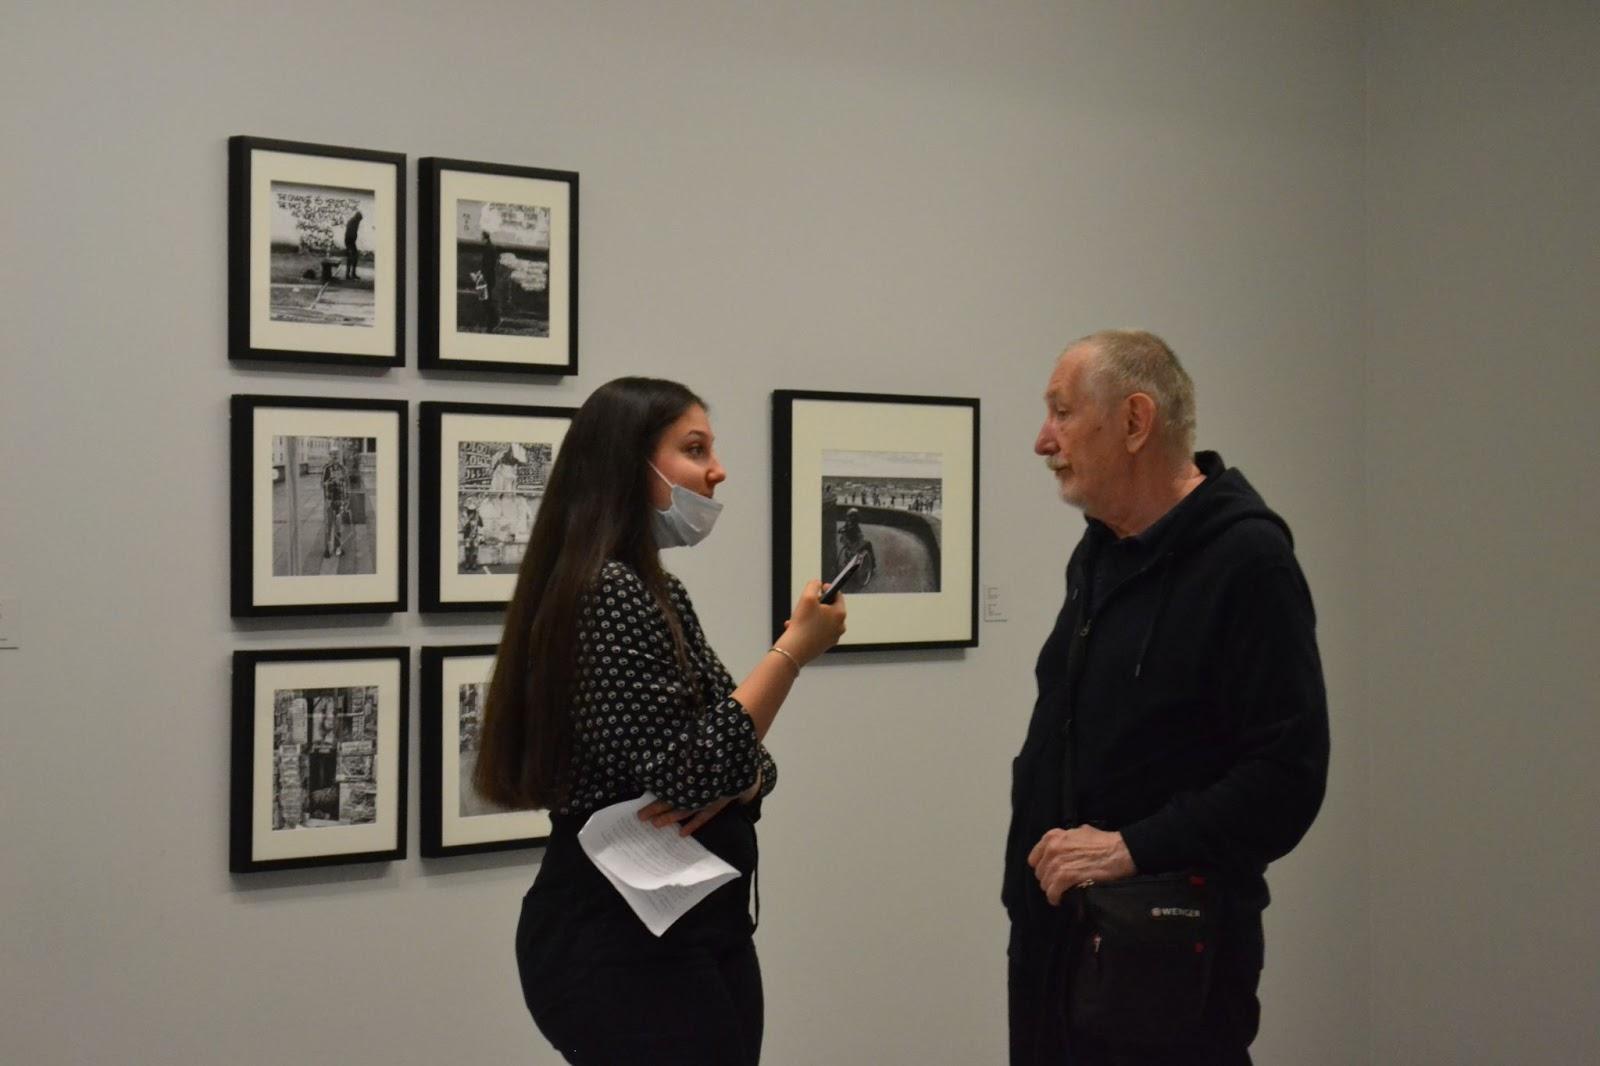 Интервью с фотографом Борисом Назаренко: о выставке в МАММ и уличной фотографии